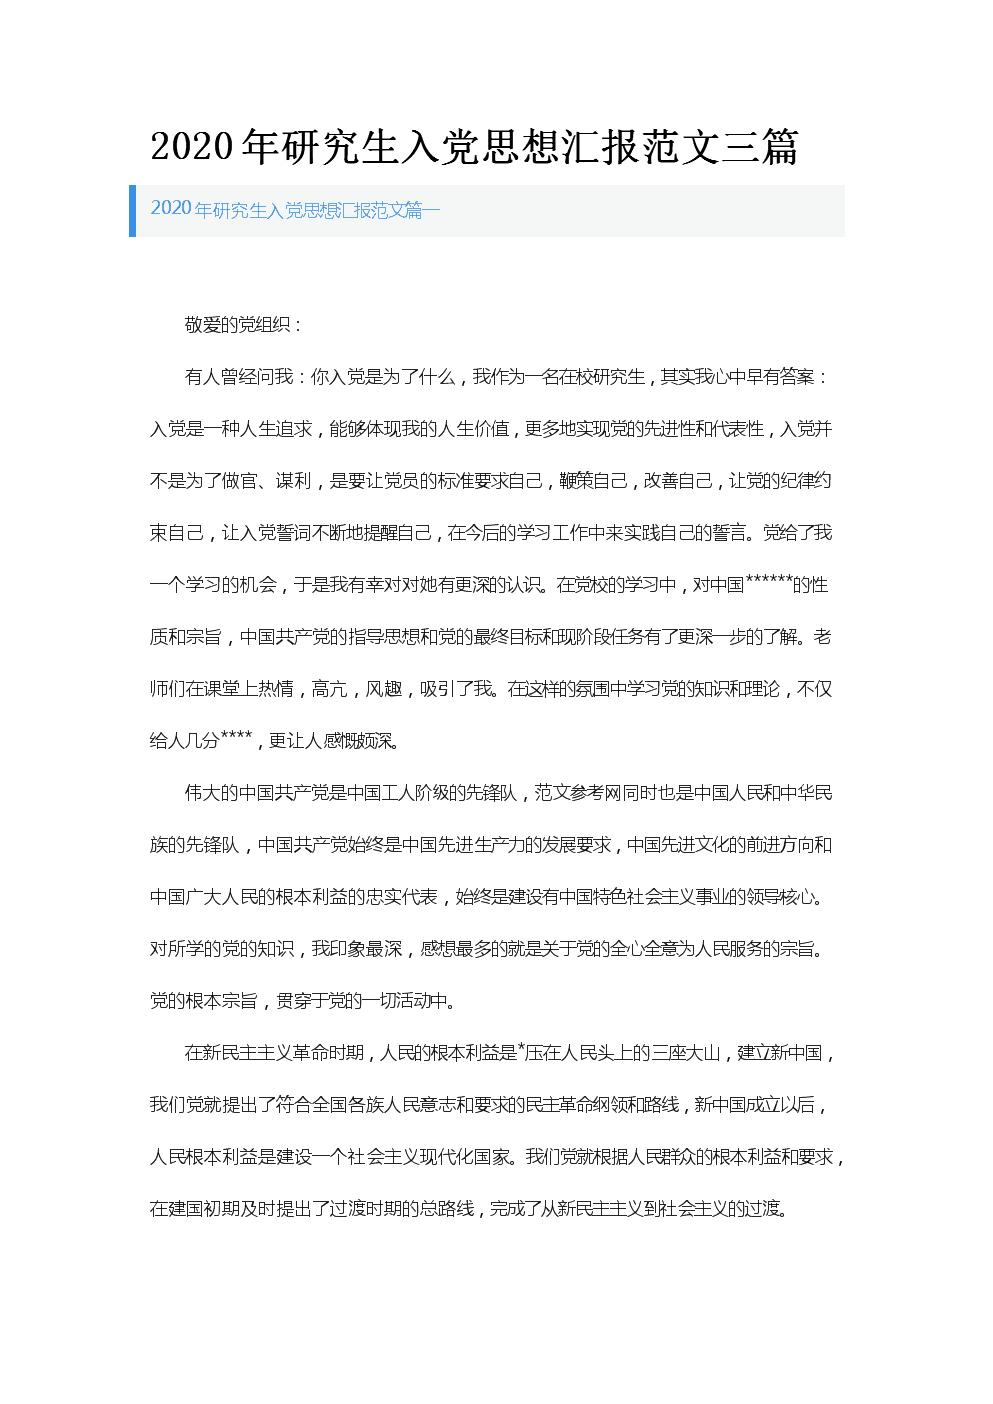 2020年研究生入党思想汇报范文三篇最新.doc